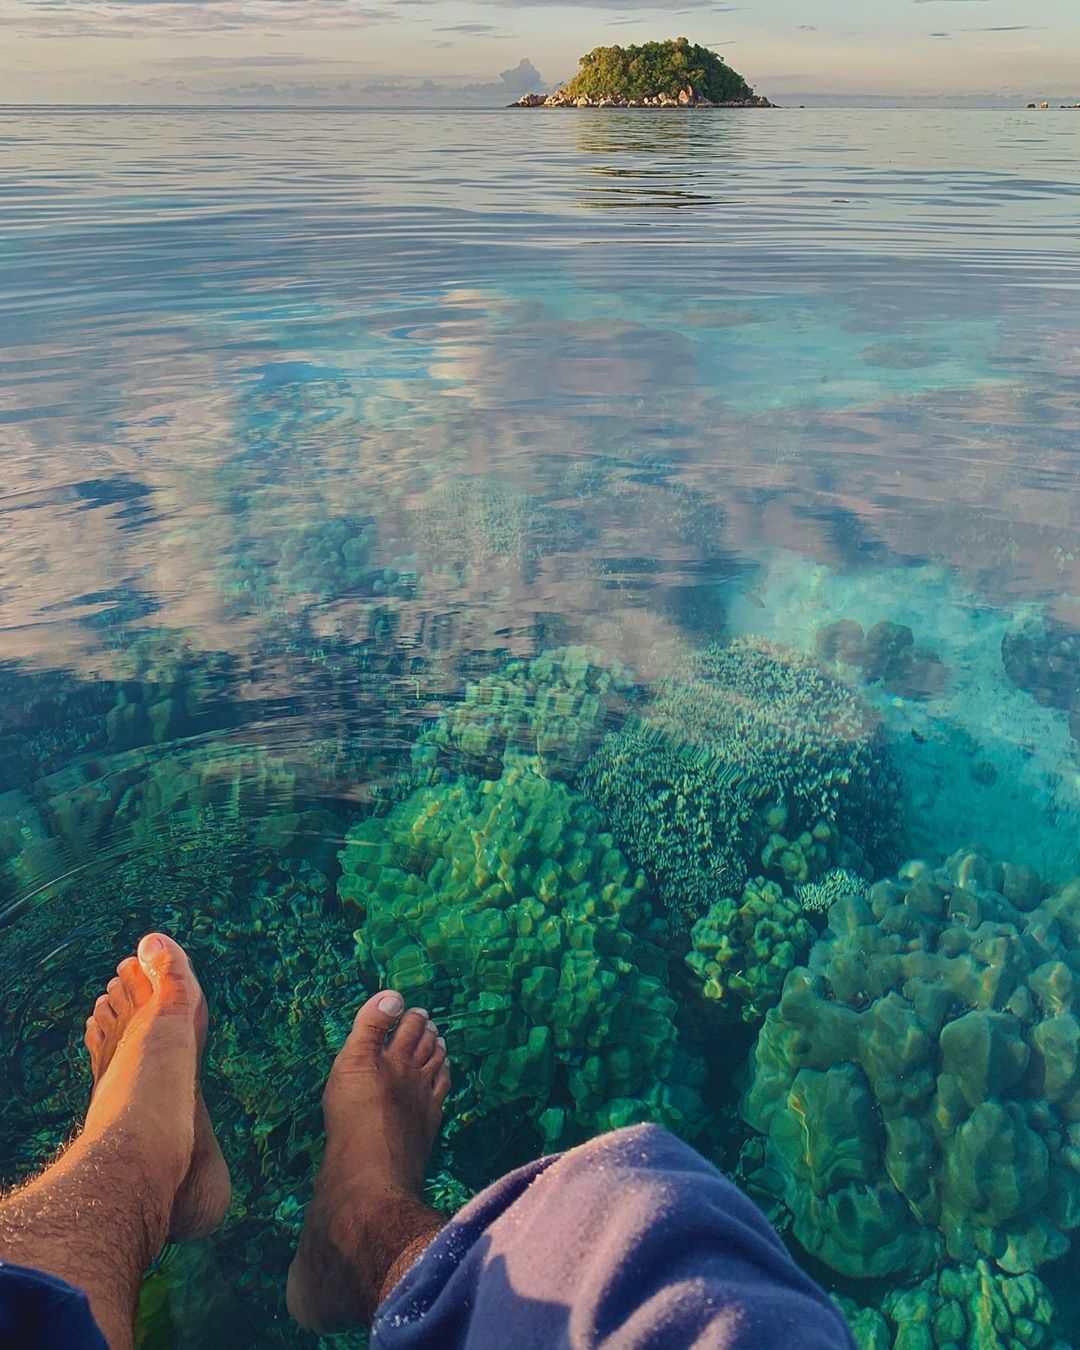 Koraal in het water van koh lipe